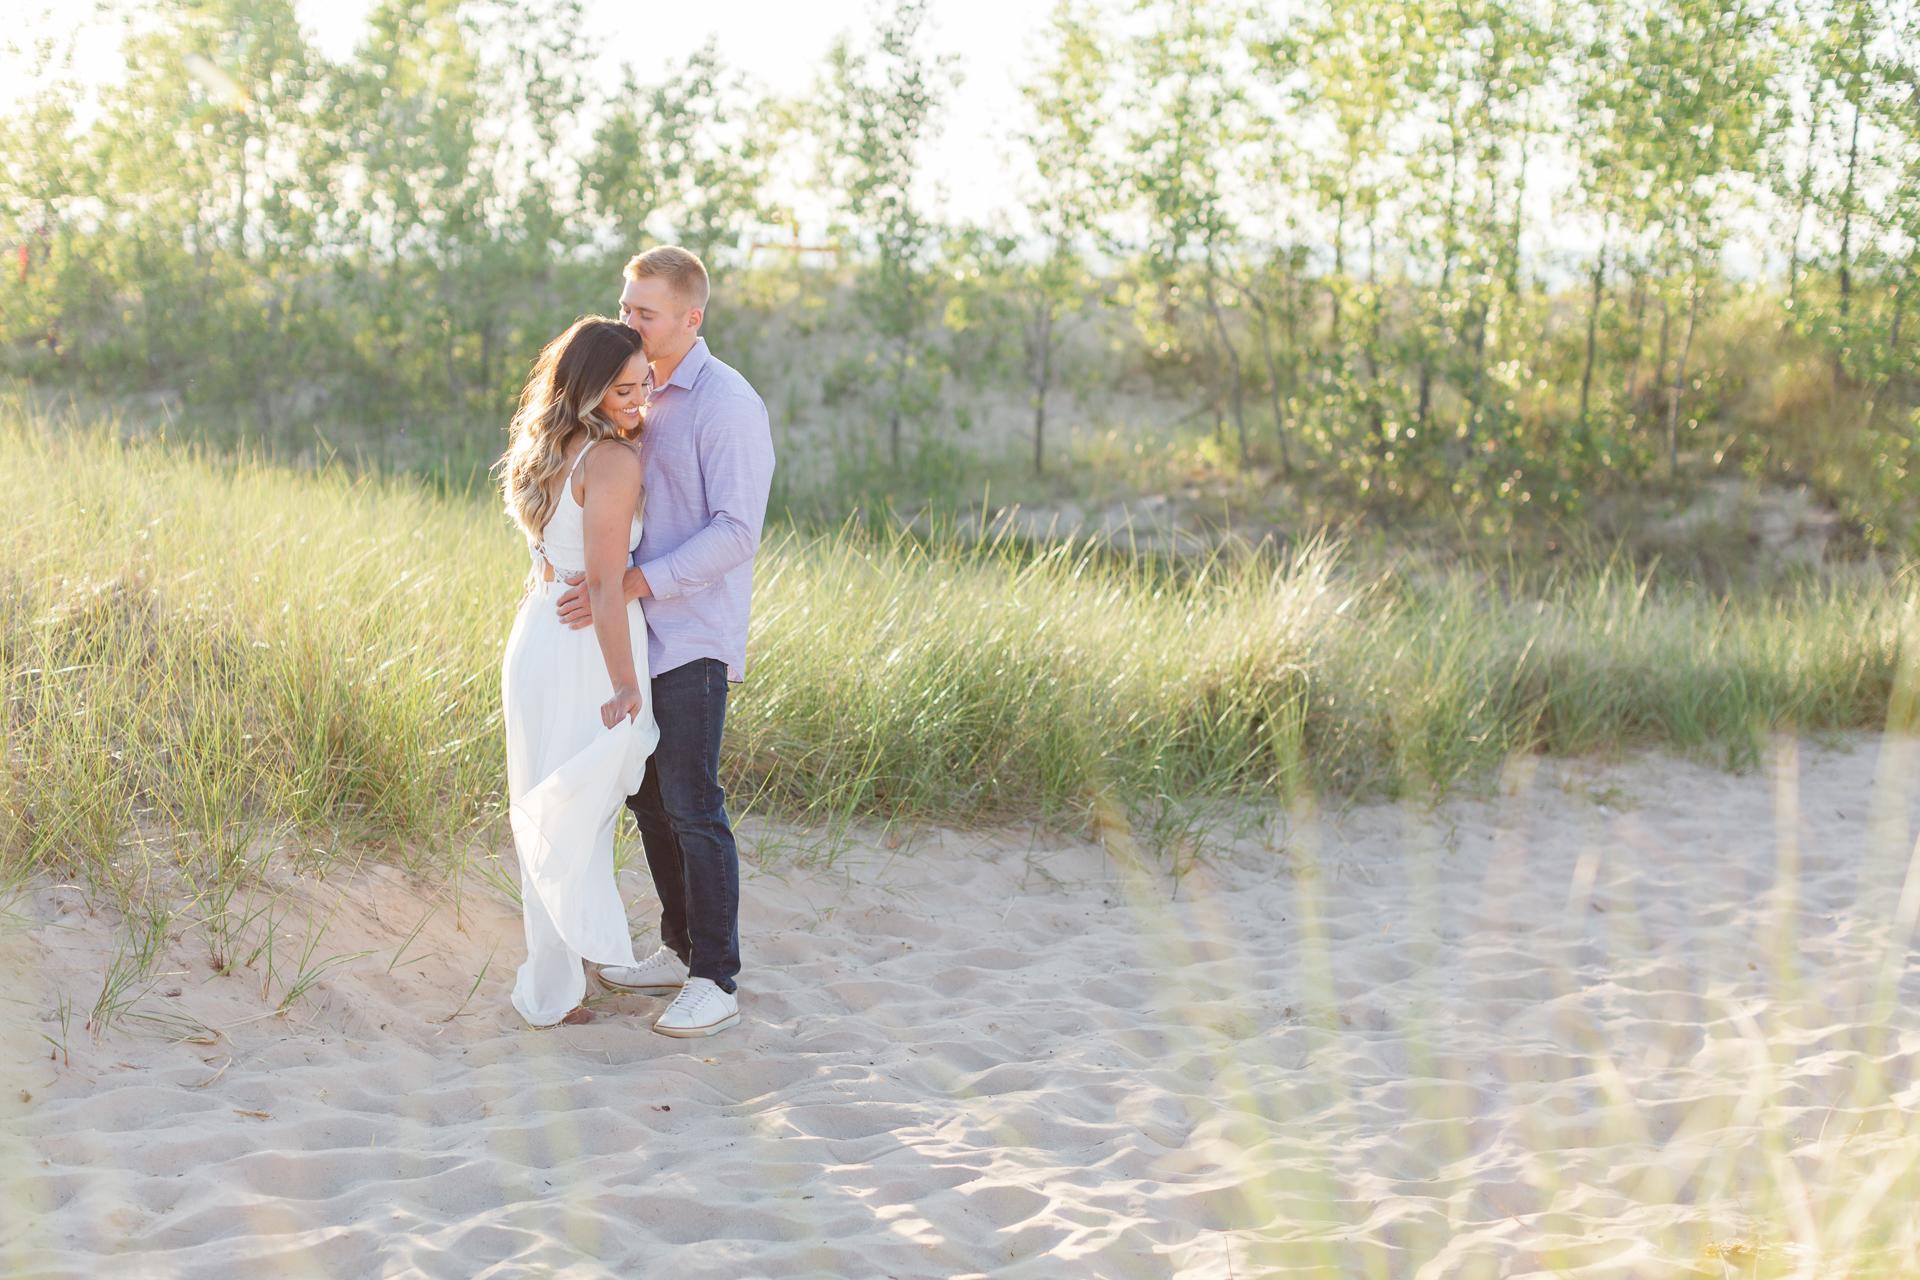 Aquatorium & Beach Engagement Session   Brittany & Seth